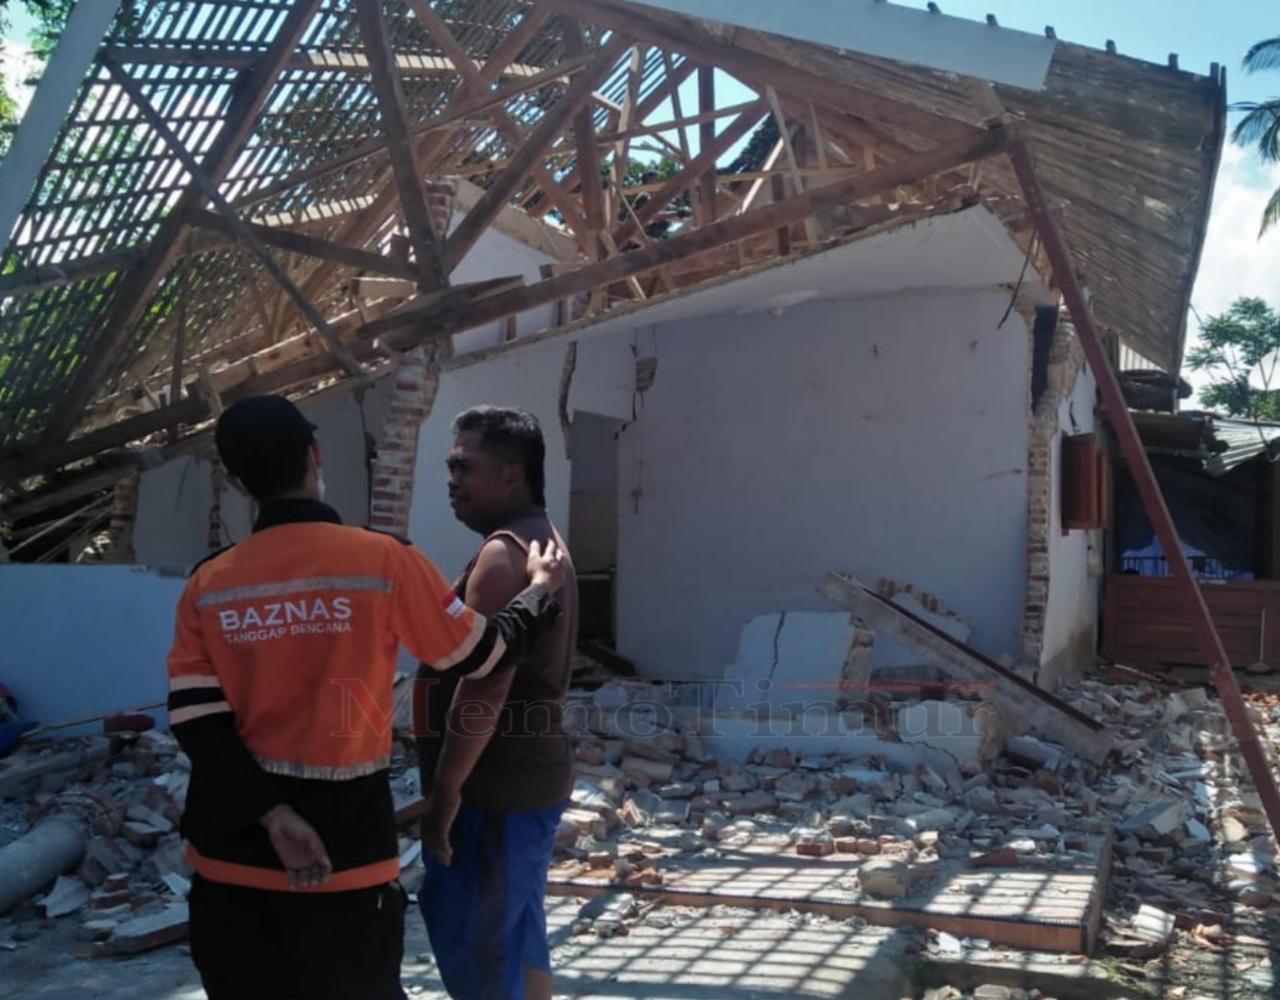 Baznas Lumajang Alokasikan Rp 400 Juta untuk Penanganan Dampak Gempa